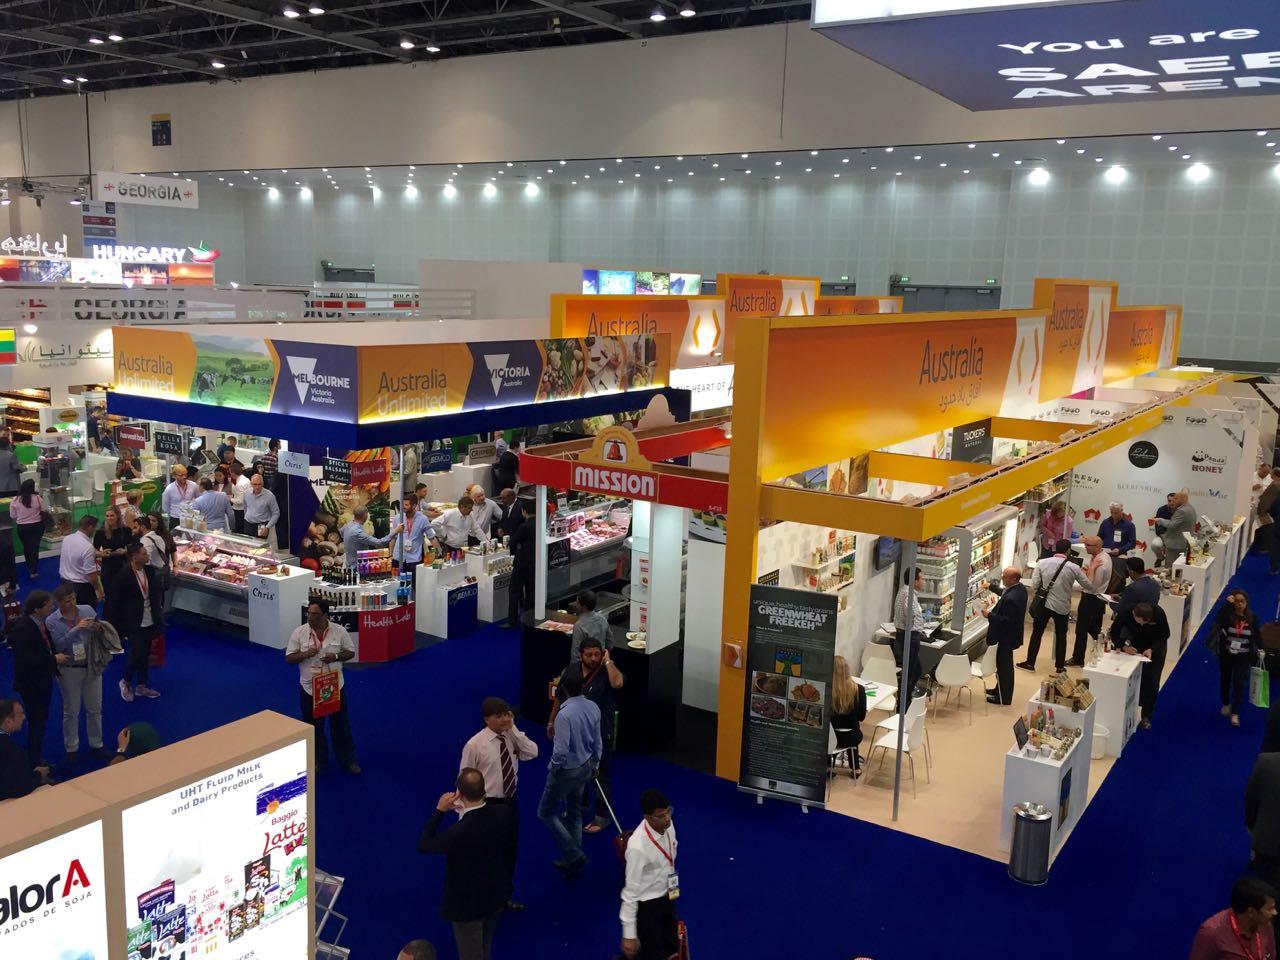 ТРСК принимает участие на крупнейшей выставке в Дубае